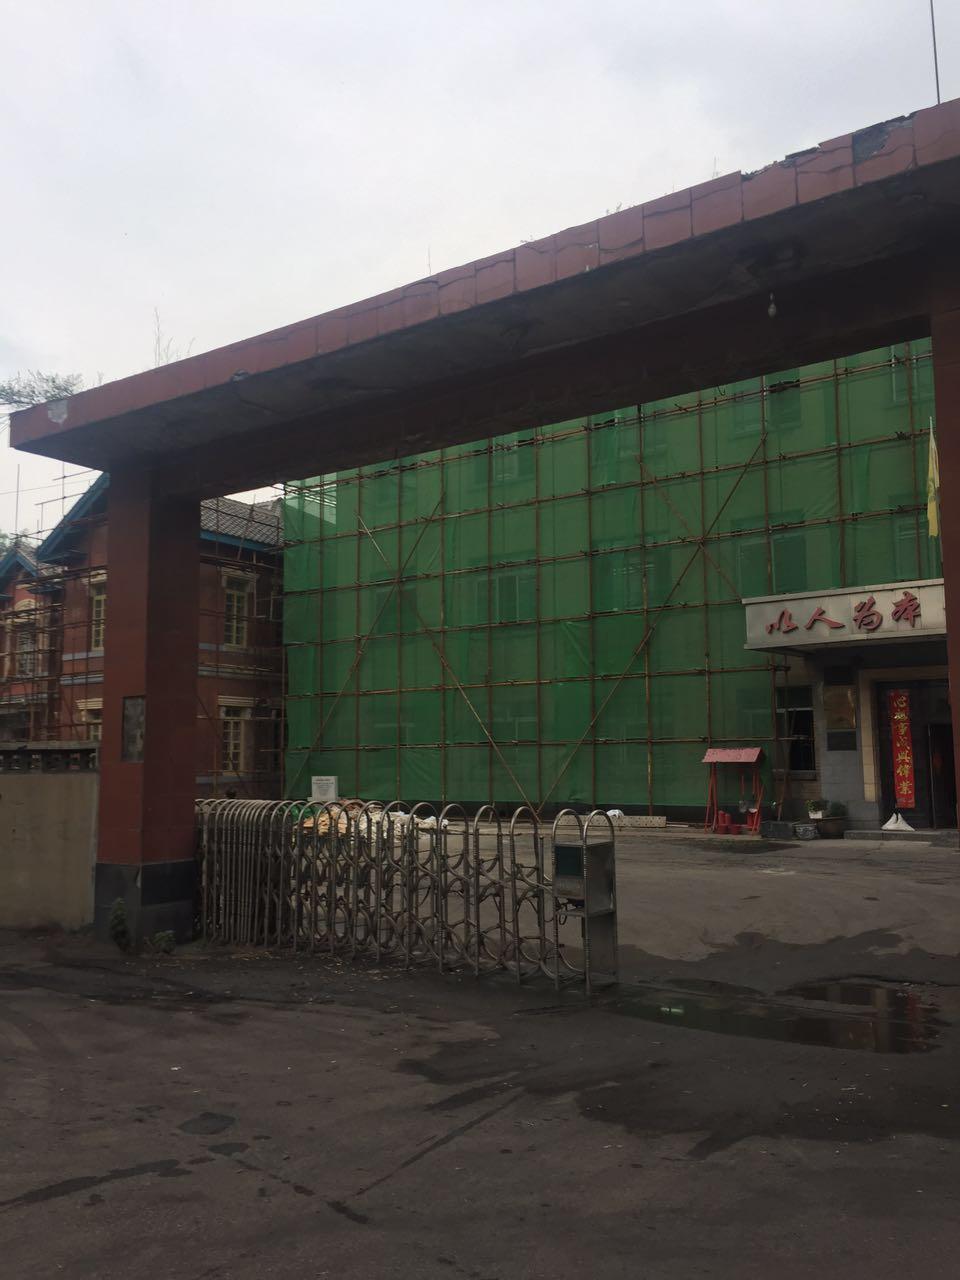 本溪湖煤铁公司事务所旧址古建筑物修缮工程